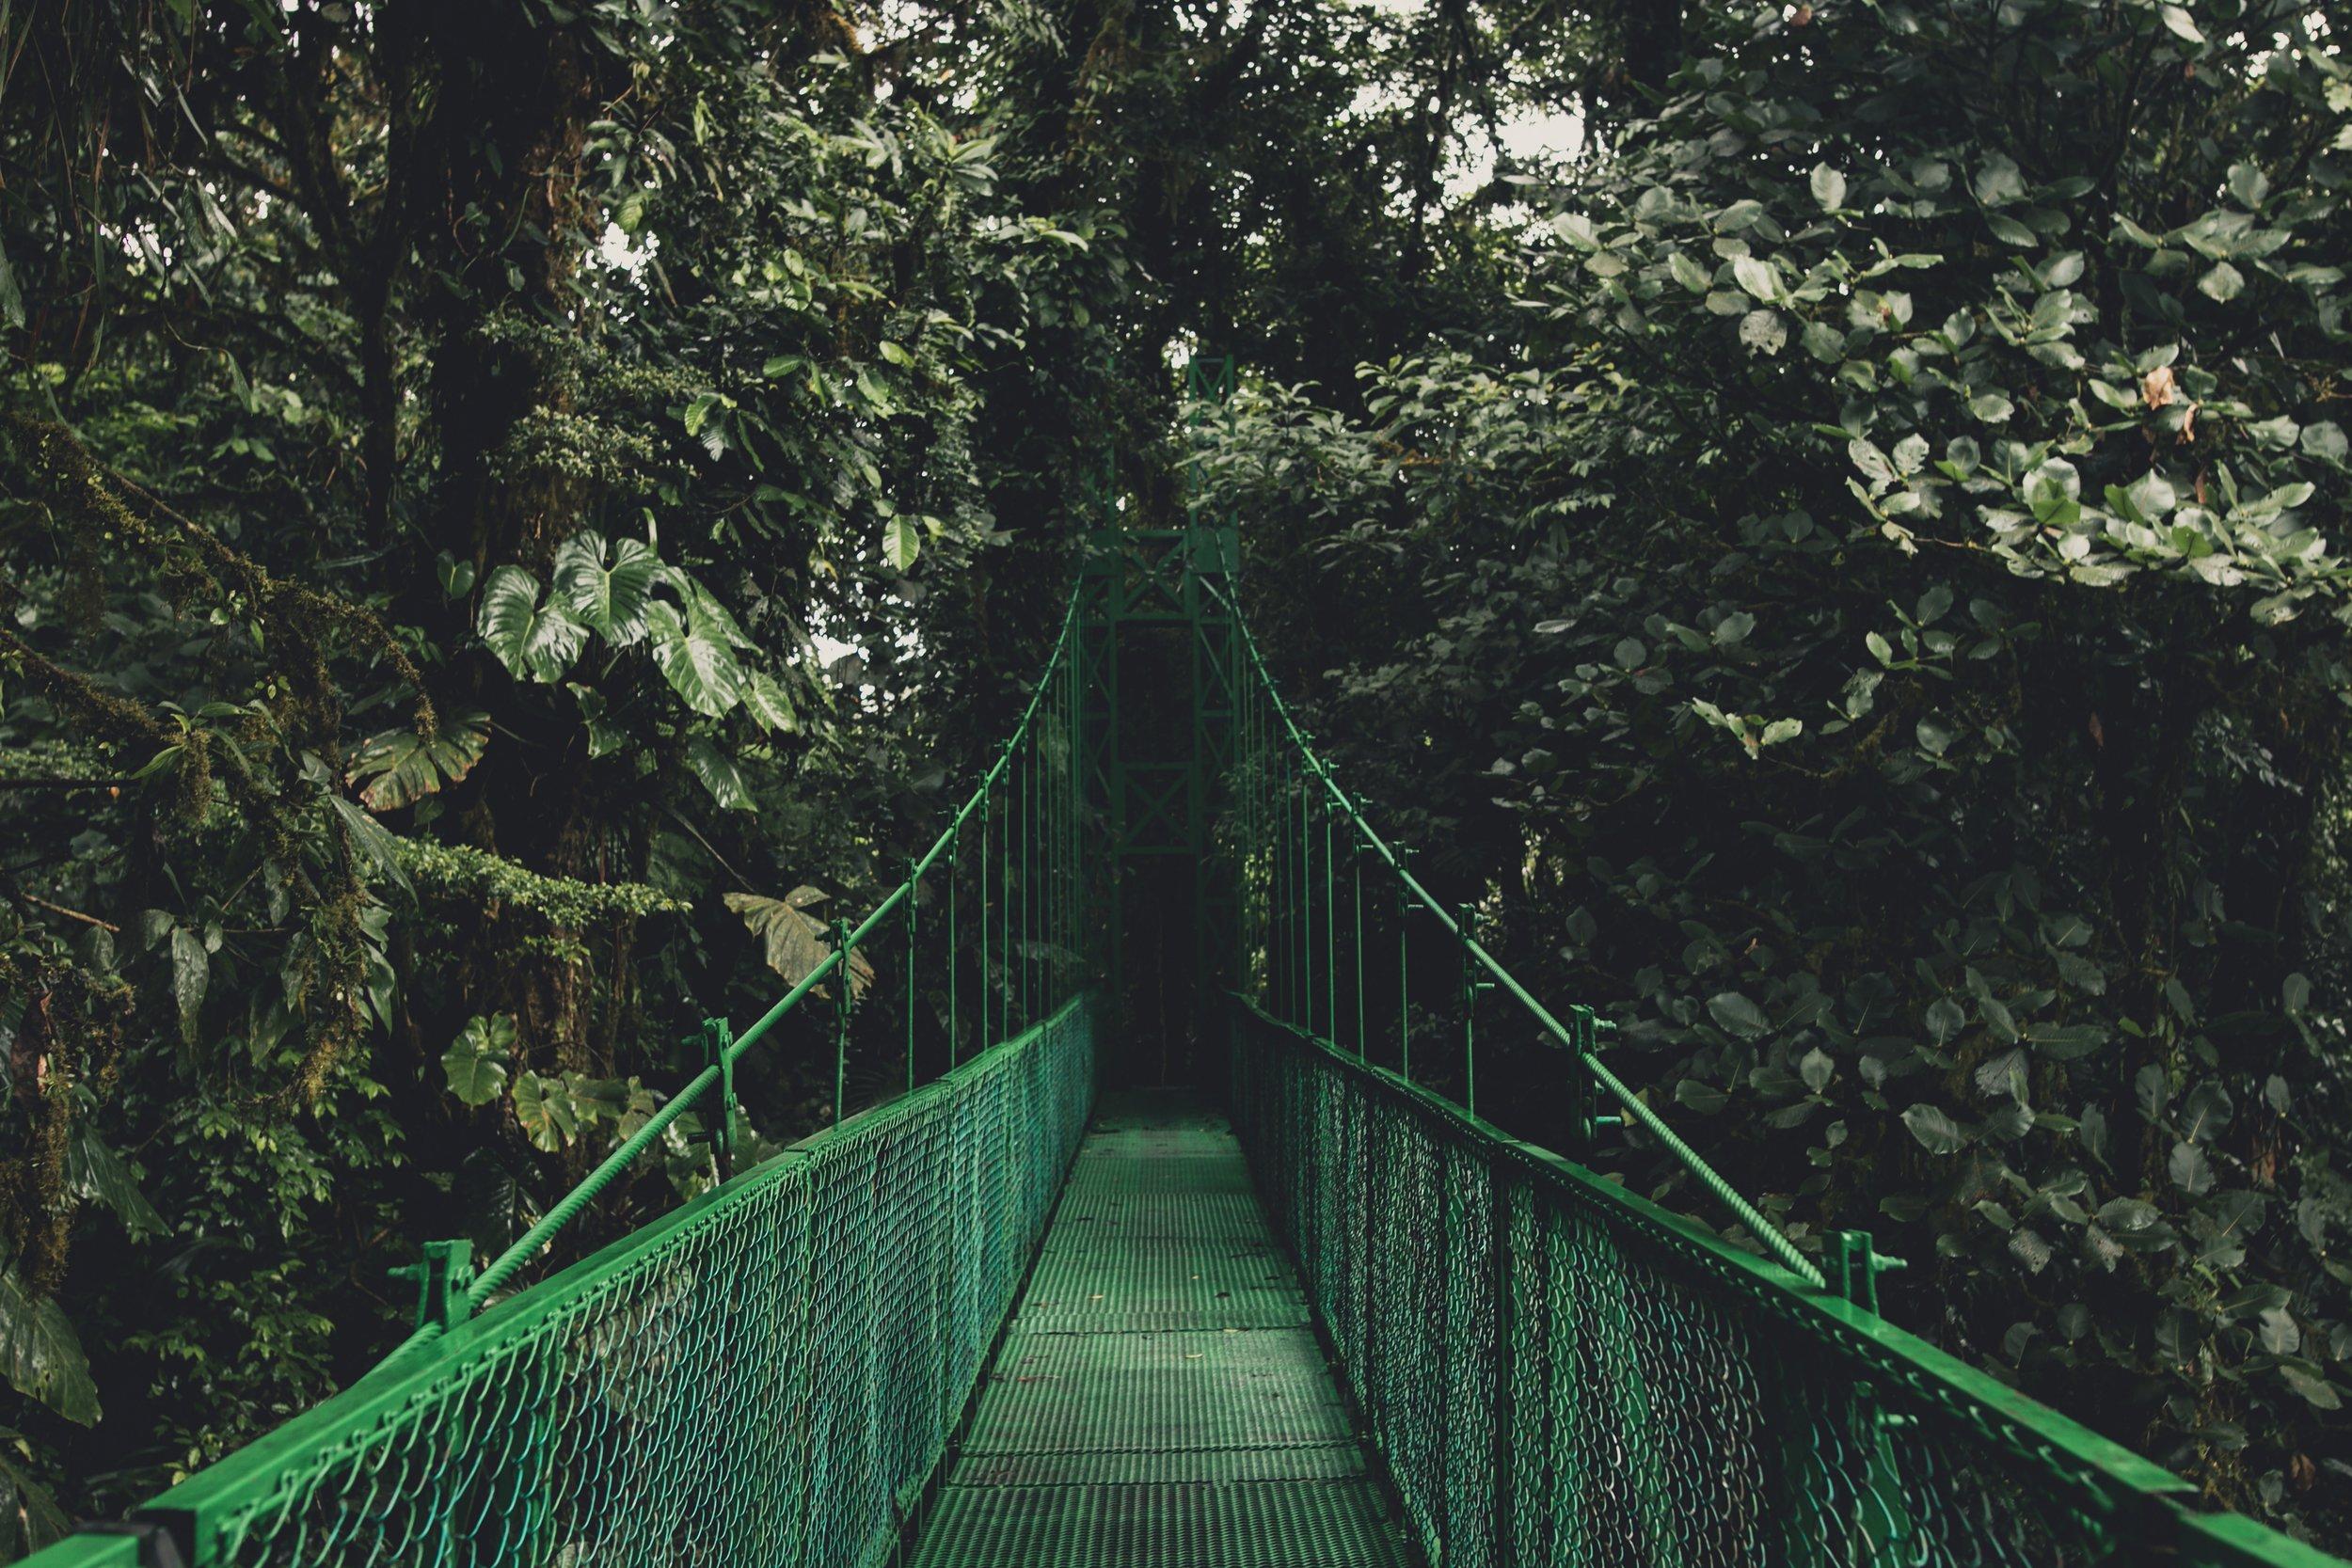 Bridge into the jungle